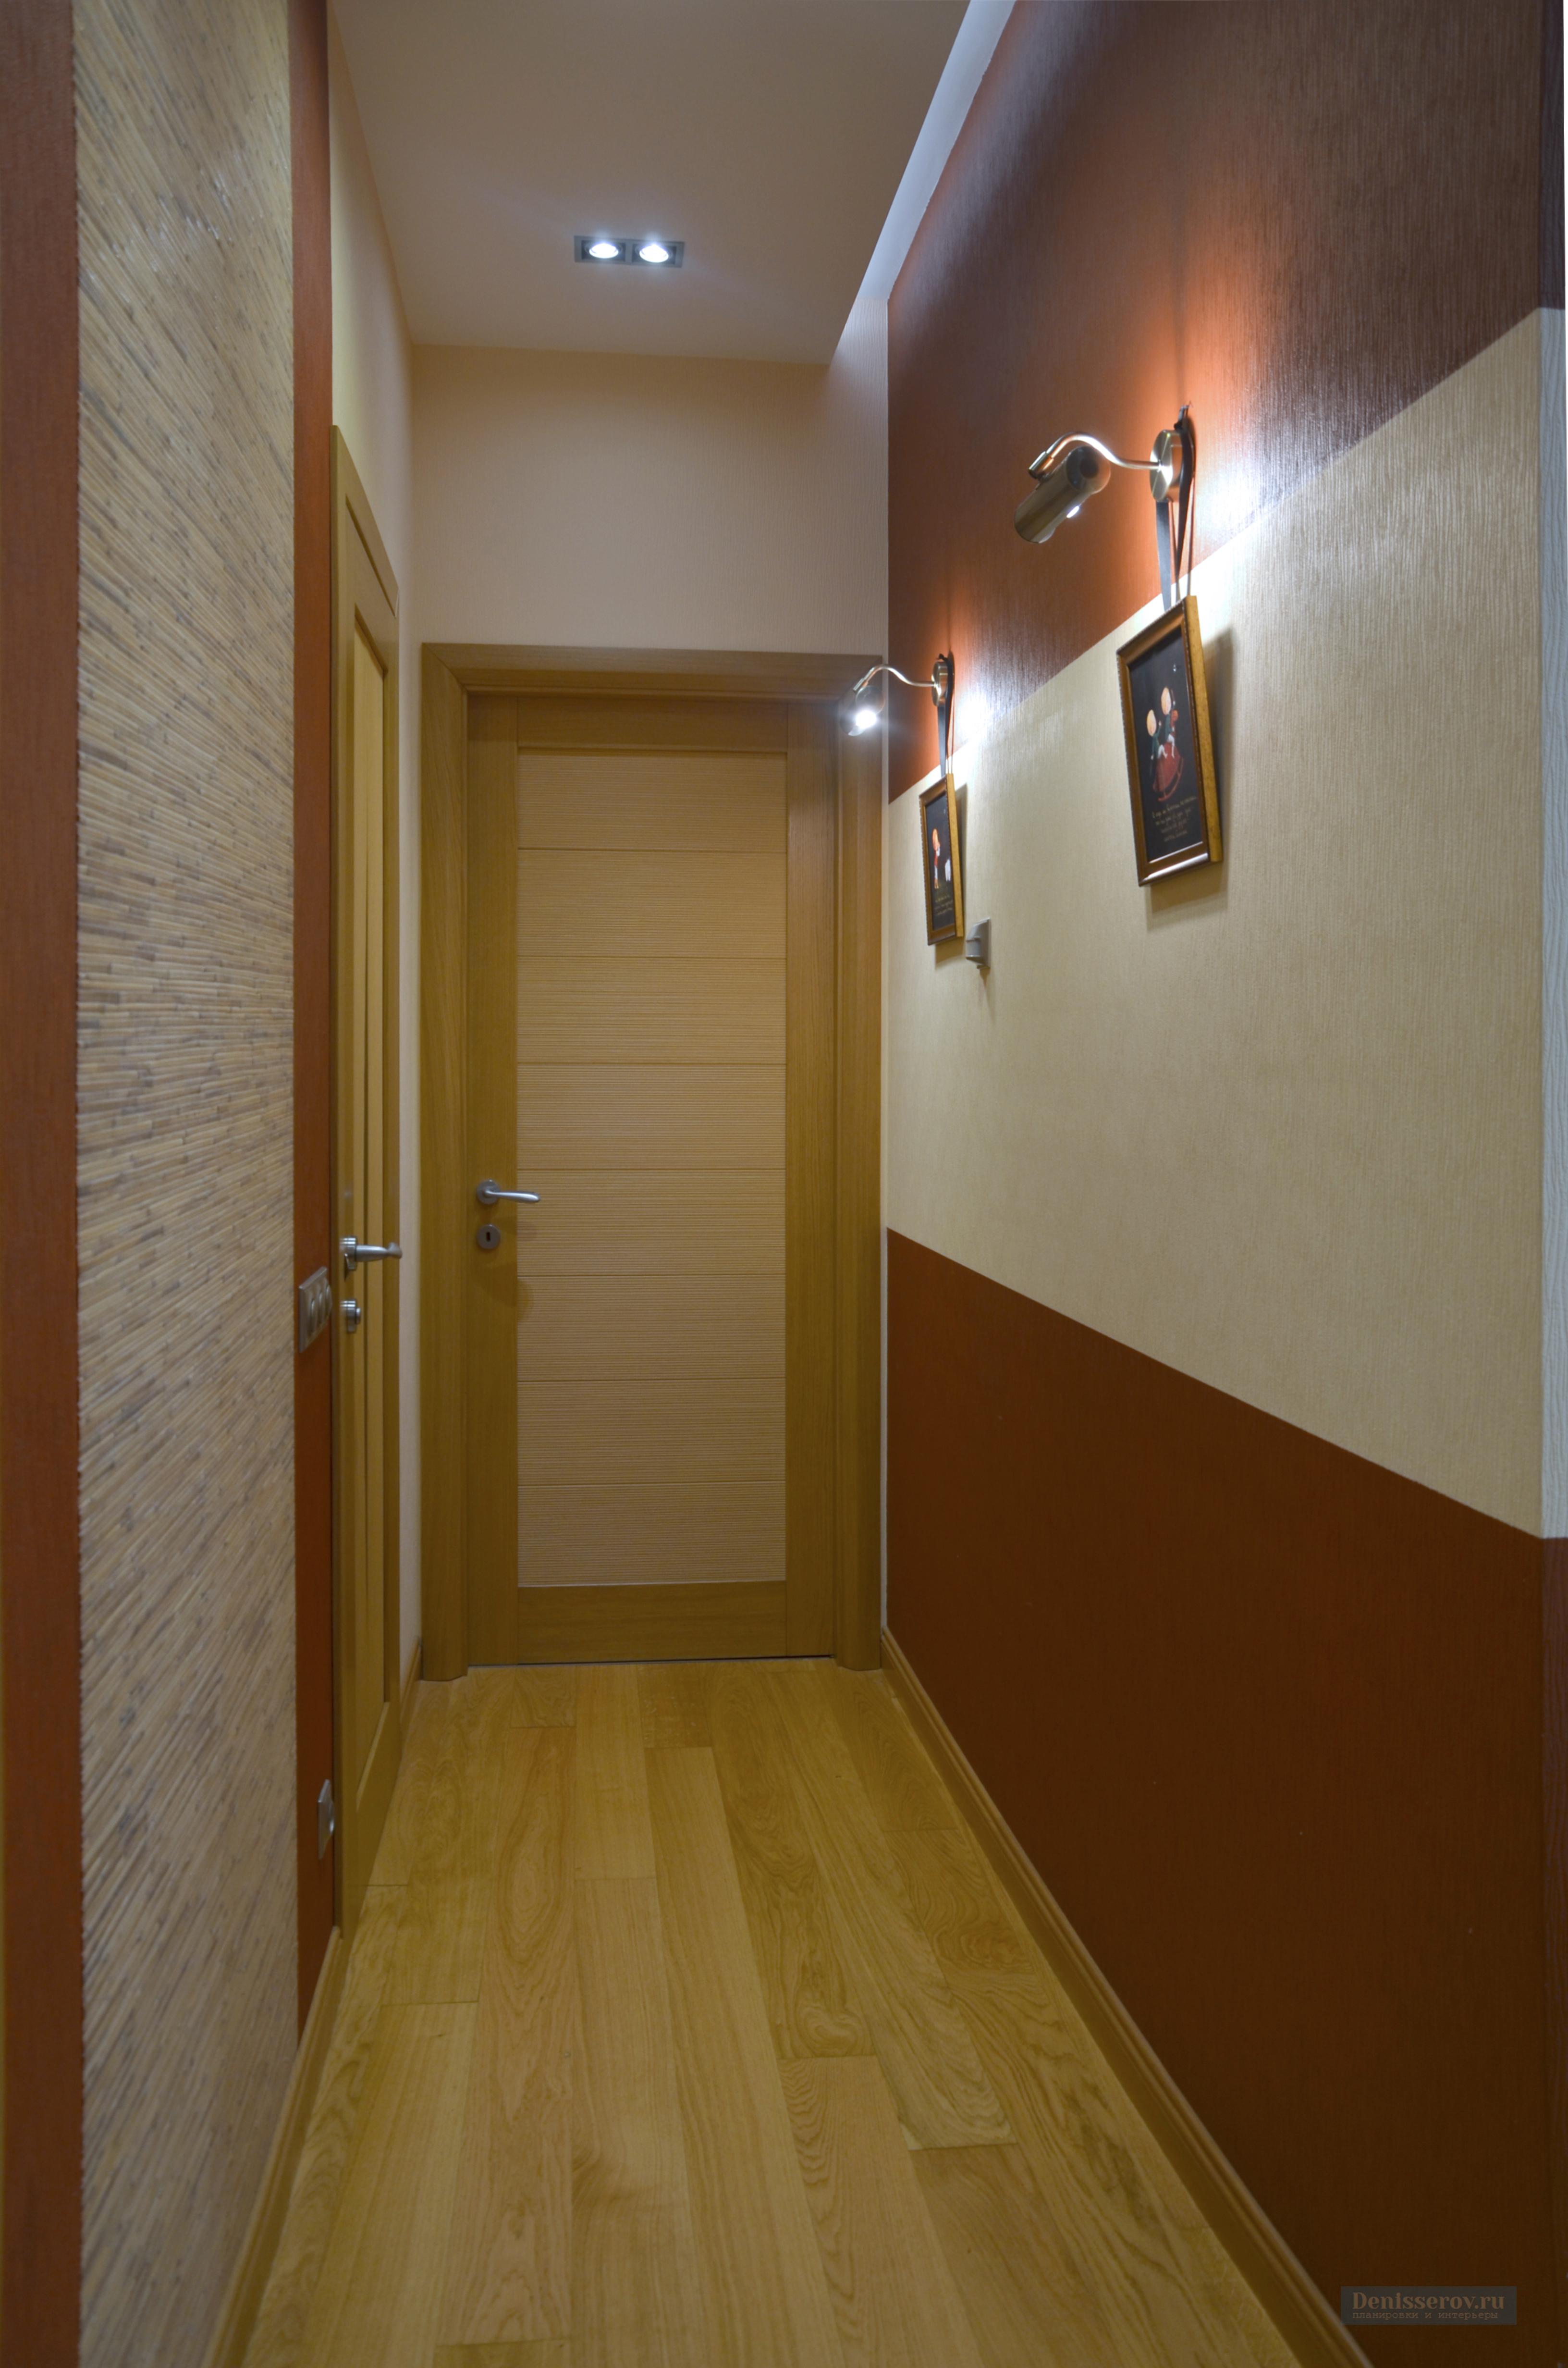 Koridor-10-kv-m-v-korichnevom-cvete-2